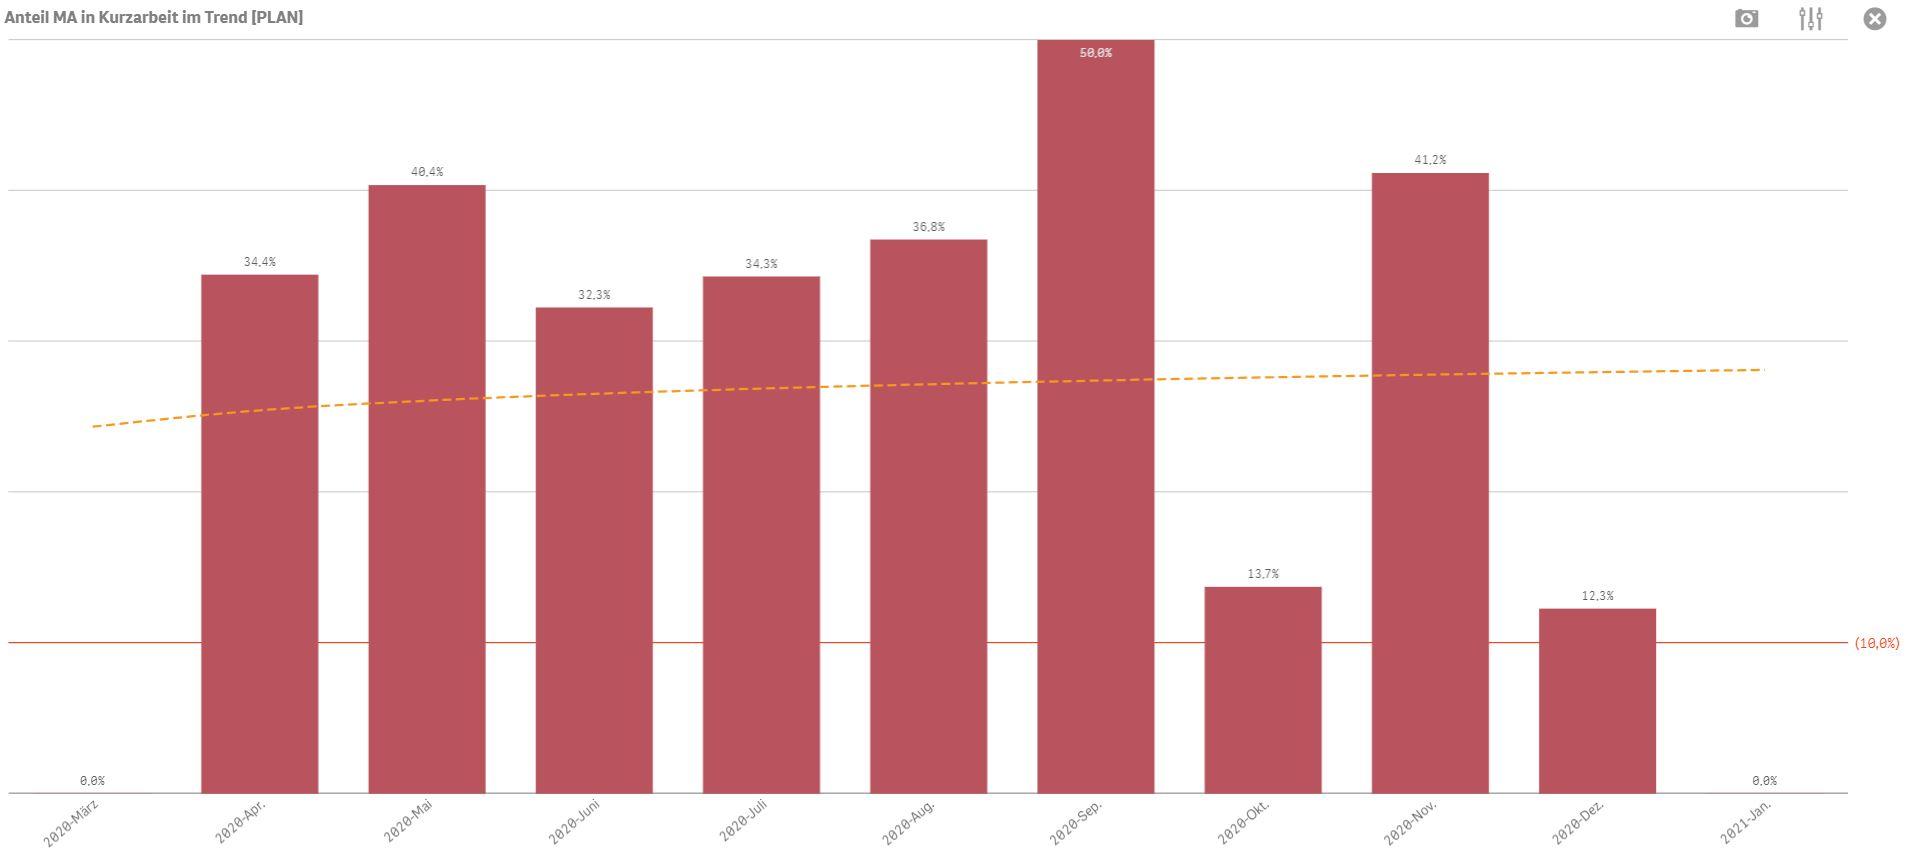 Prozentualer Anteil der Mitarbeiter in Kurzarbeit